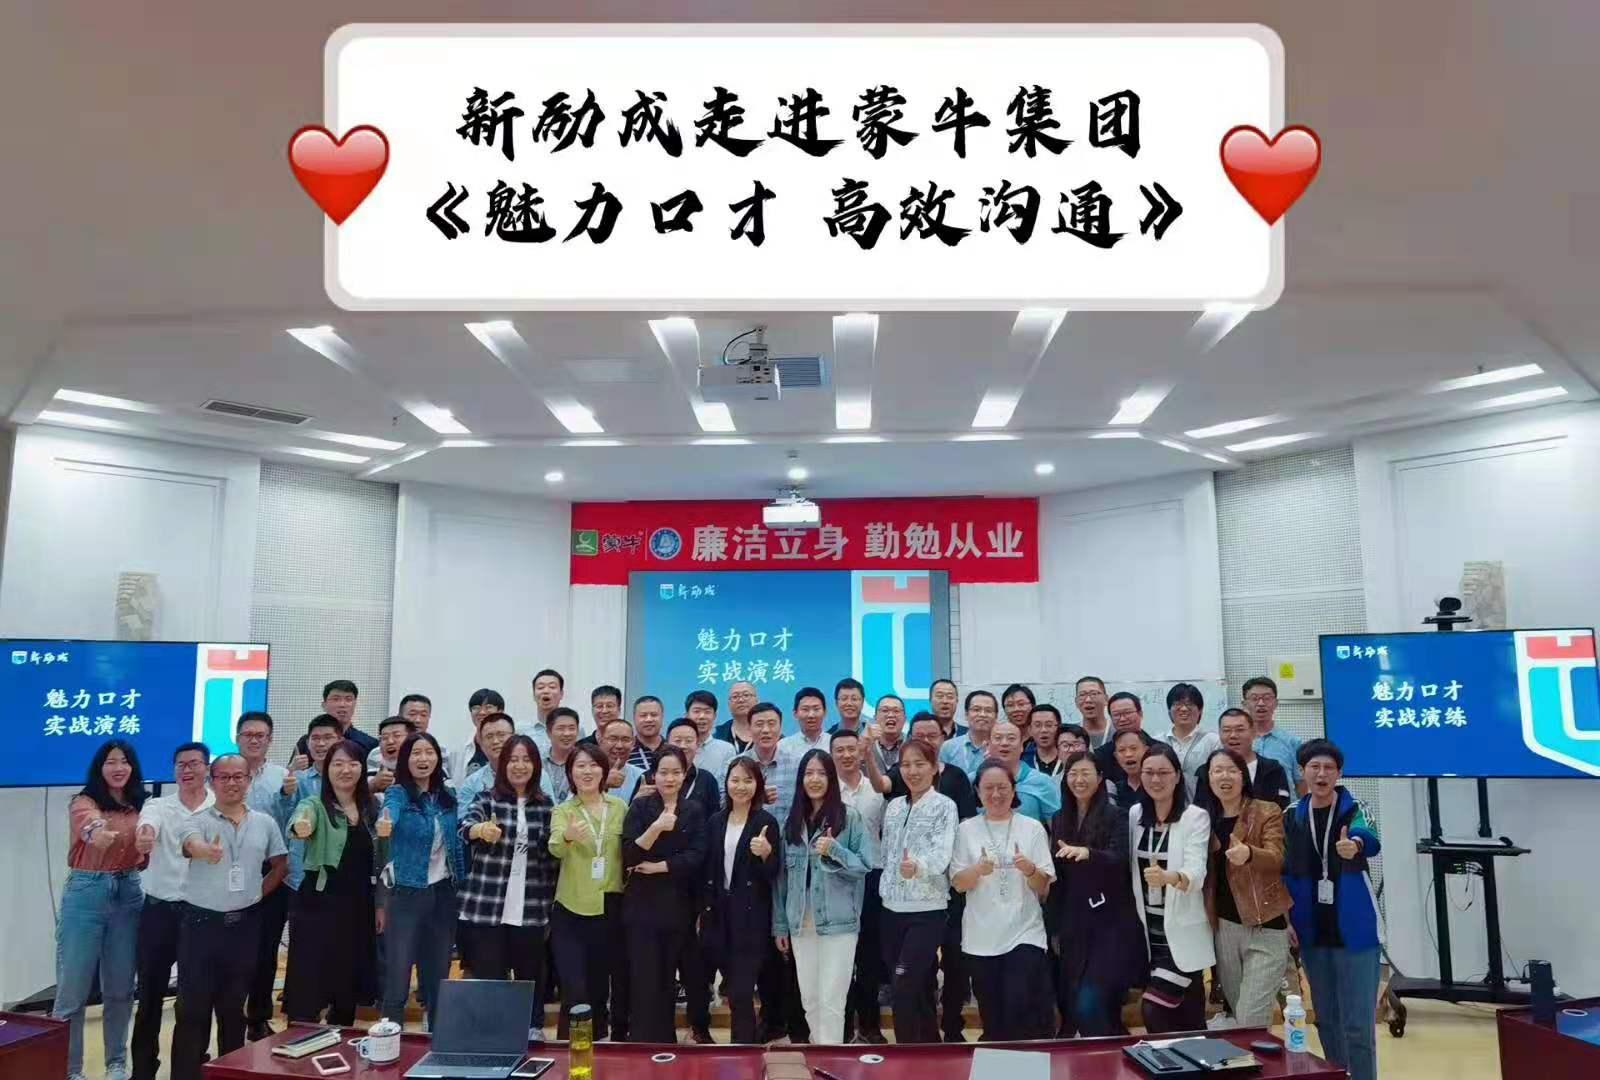 企業員工培訓課程-企業管理培訓公司-企業管理培訓學校